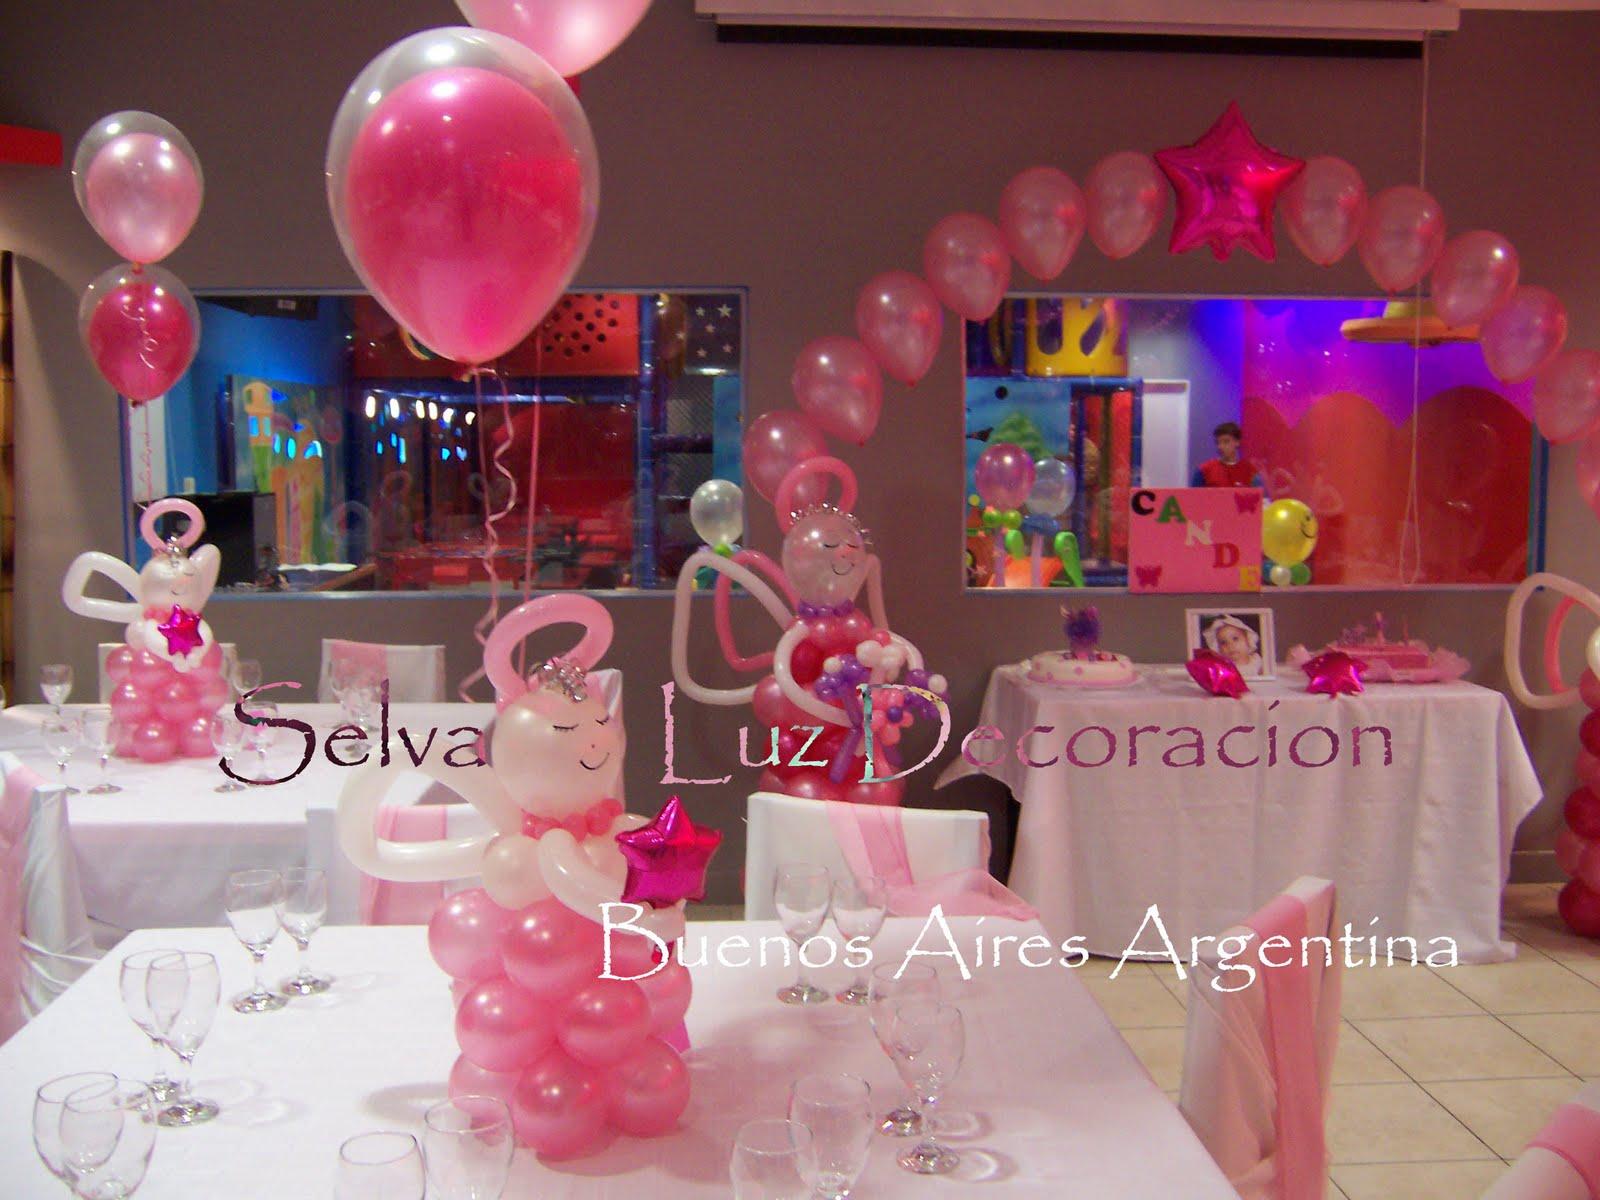 Decoraciones con globos para bodas board arreglo - Decoracion de globos ...